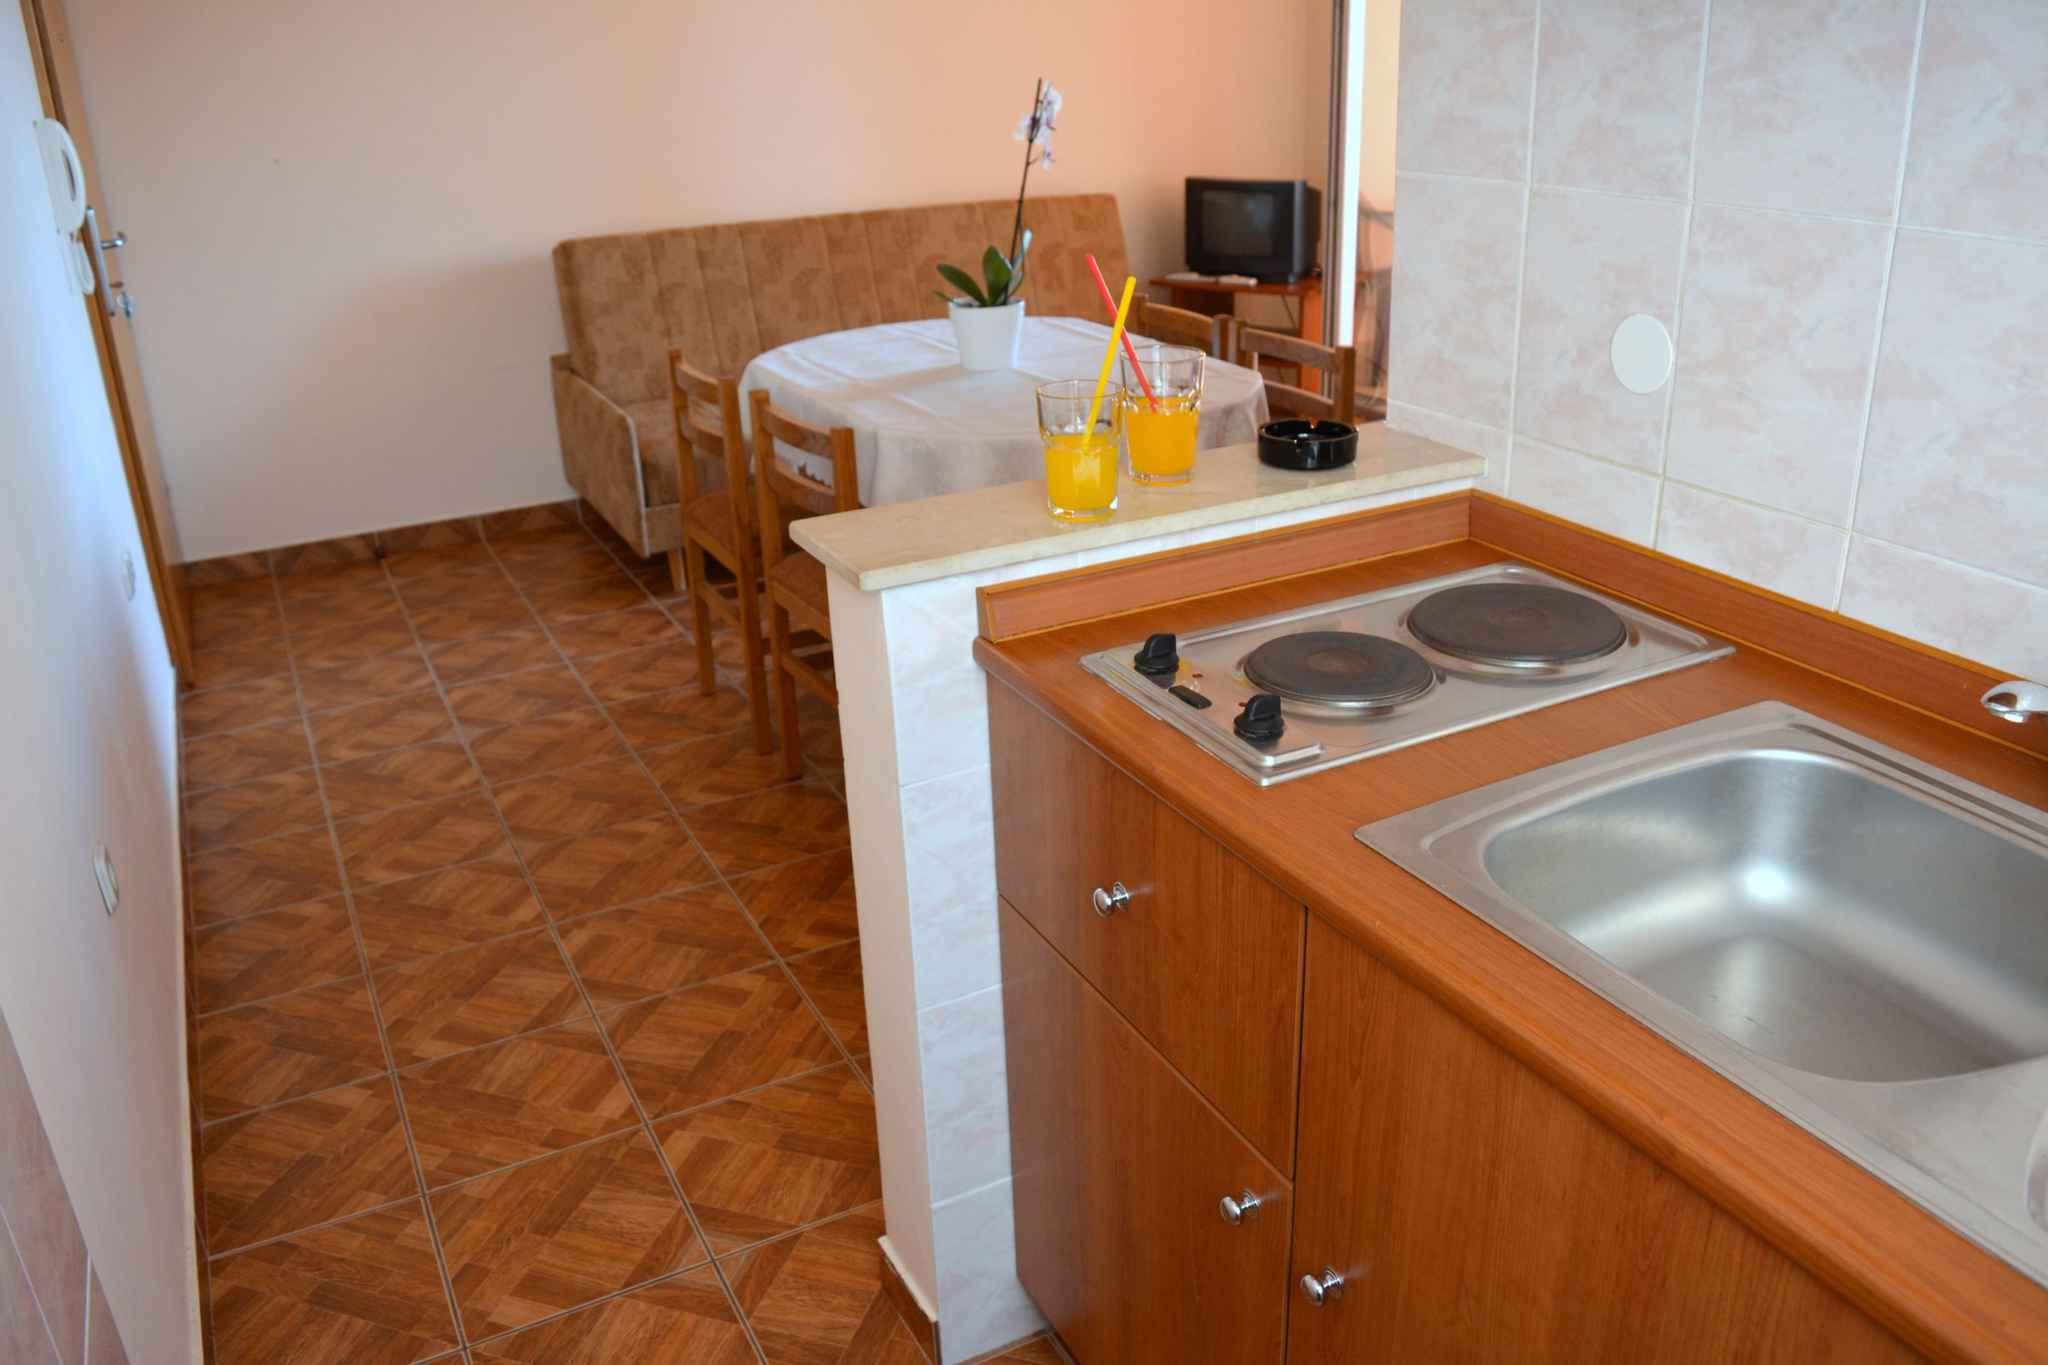 Ferienwohnung mit Internet in der Nähe der Adria (278861), Vodice, , Dalmatien, Kroatien, Bild 13